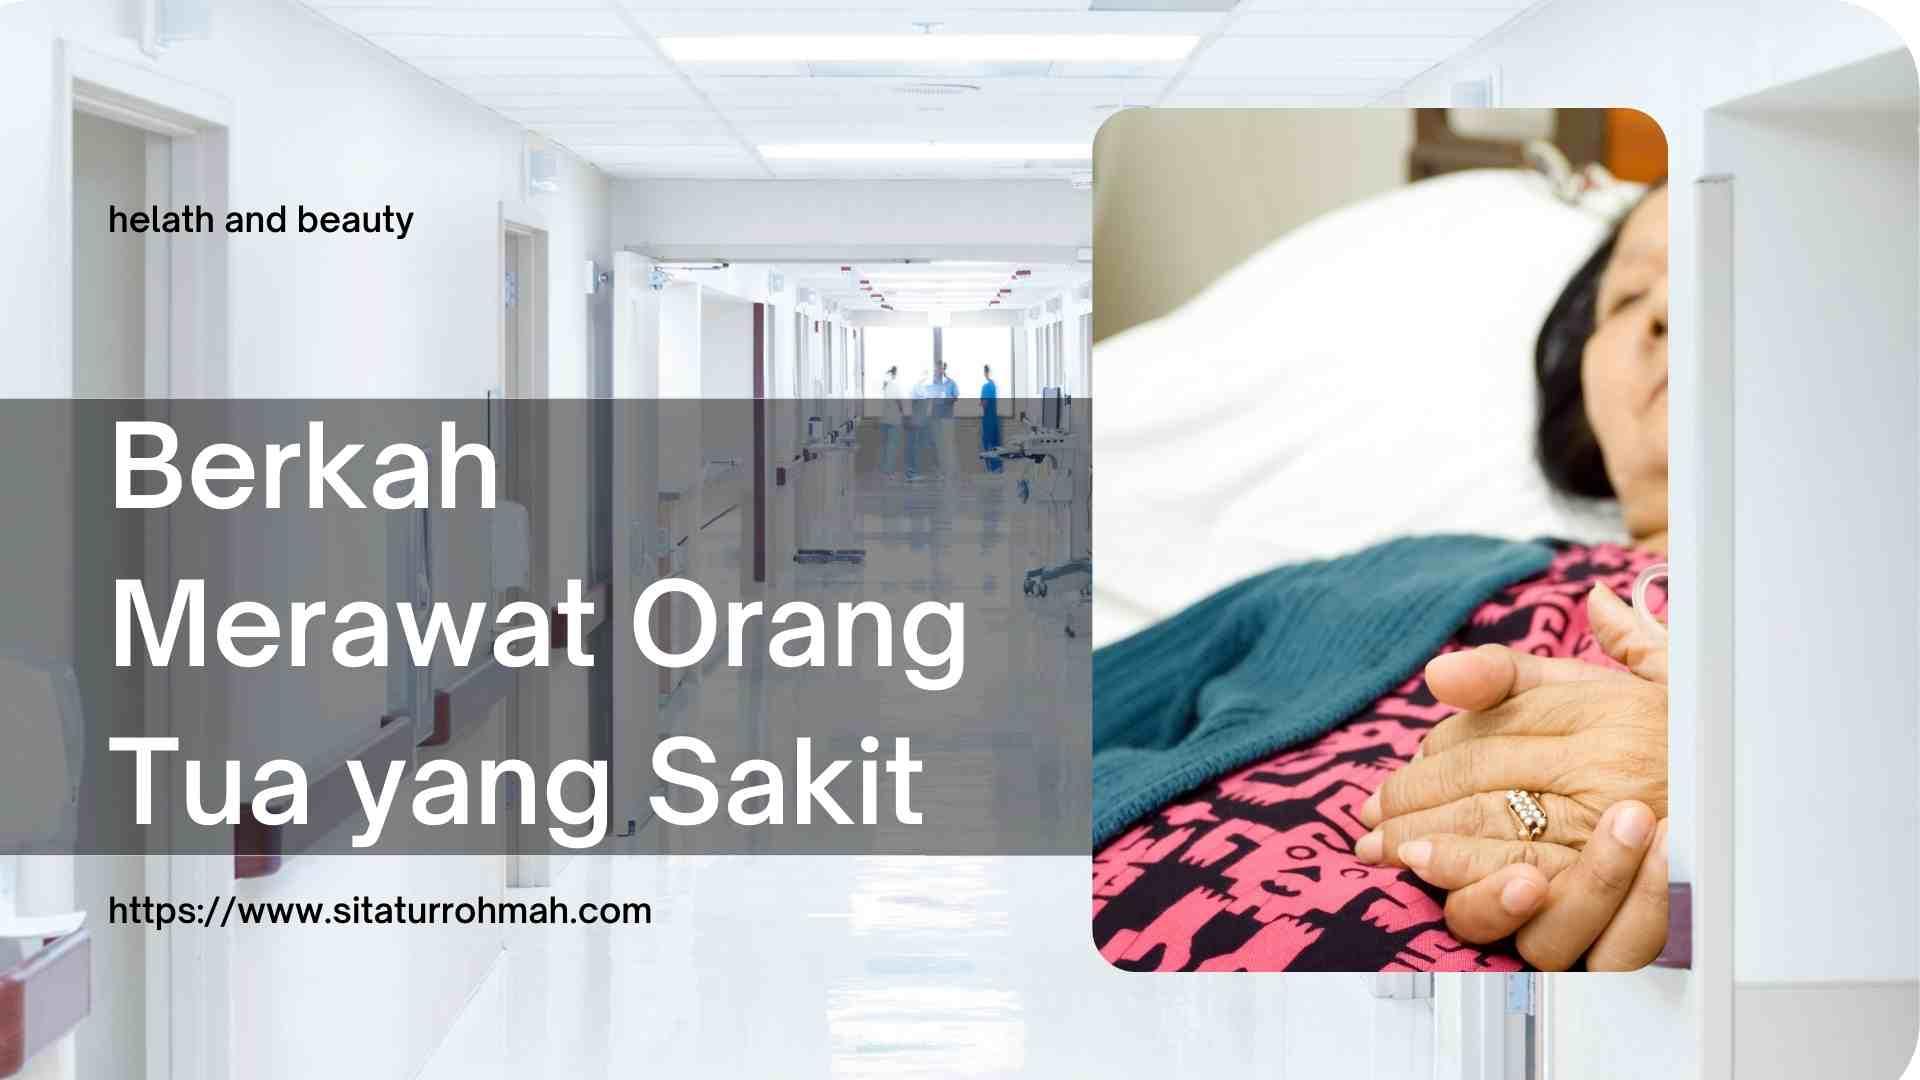 kewajiban anak ketika orang tua sakit